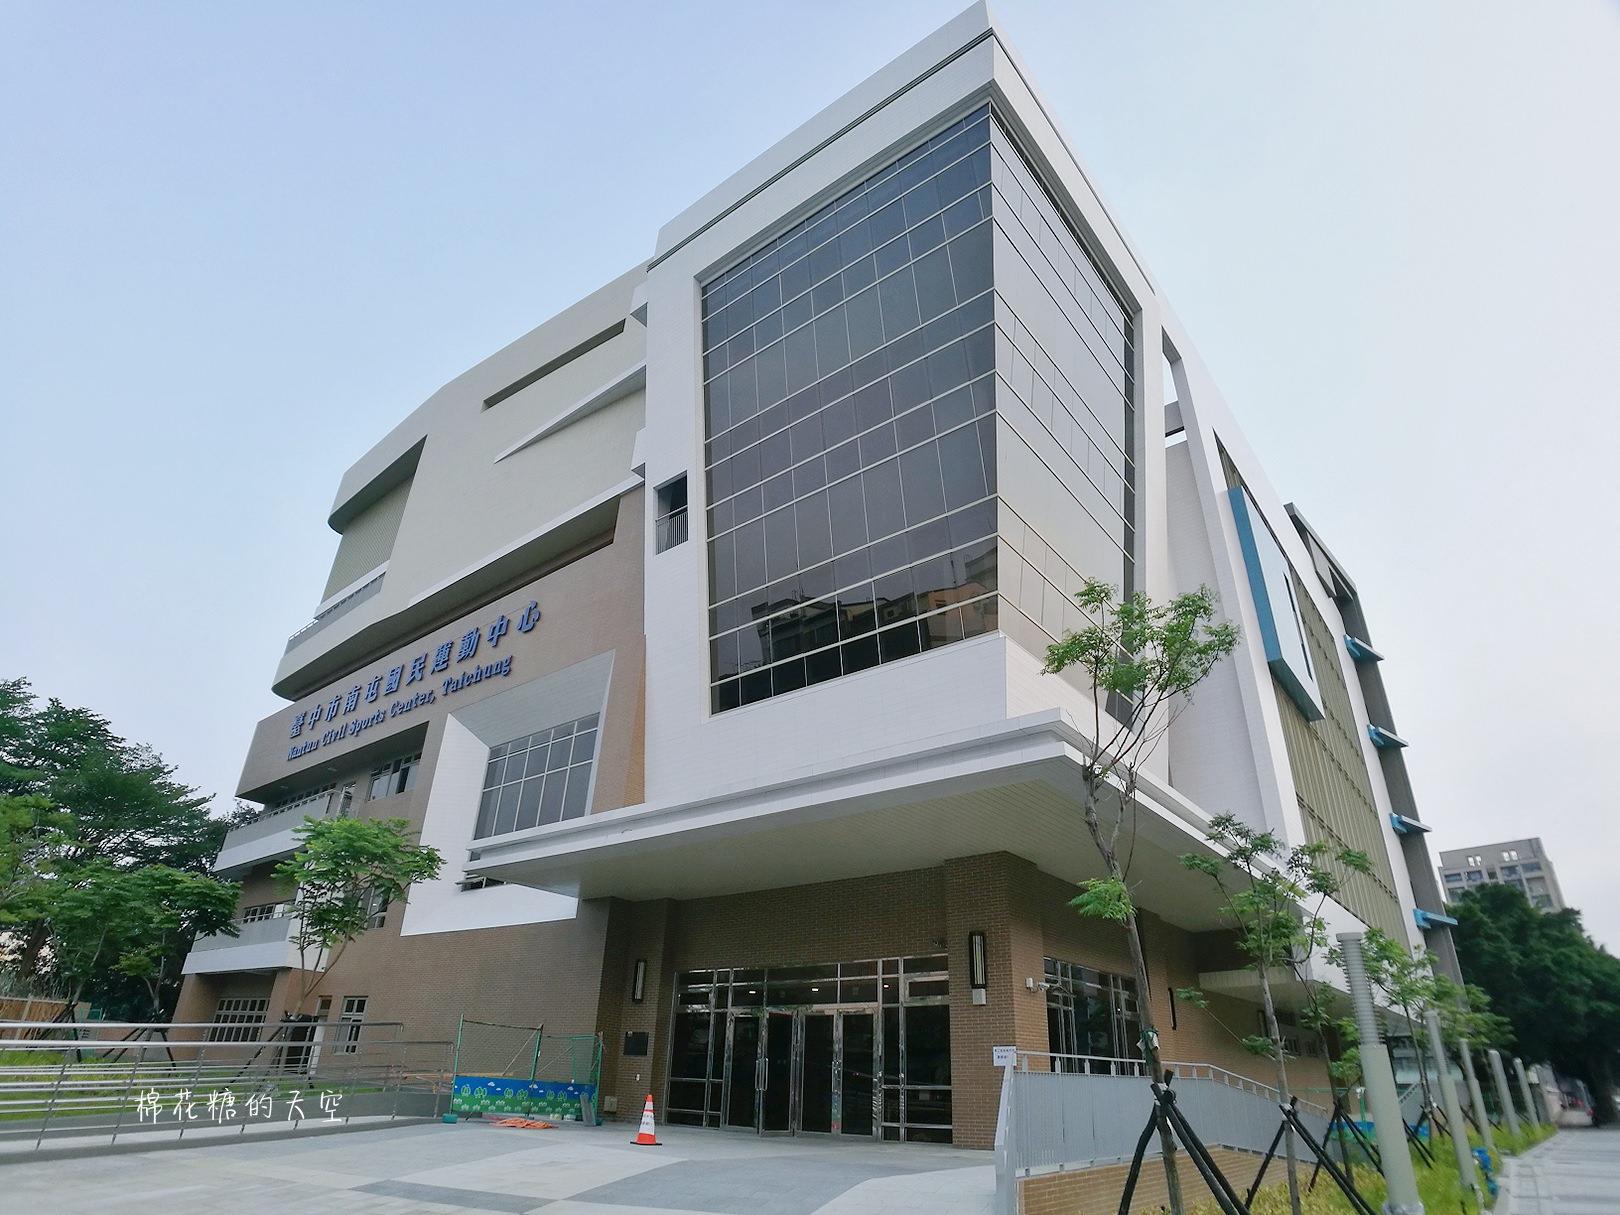 台中南屯國民運動中心四月底試營運!詳細收費、樓層分佈大公開